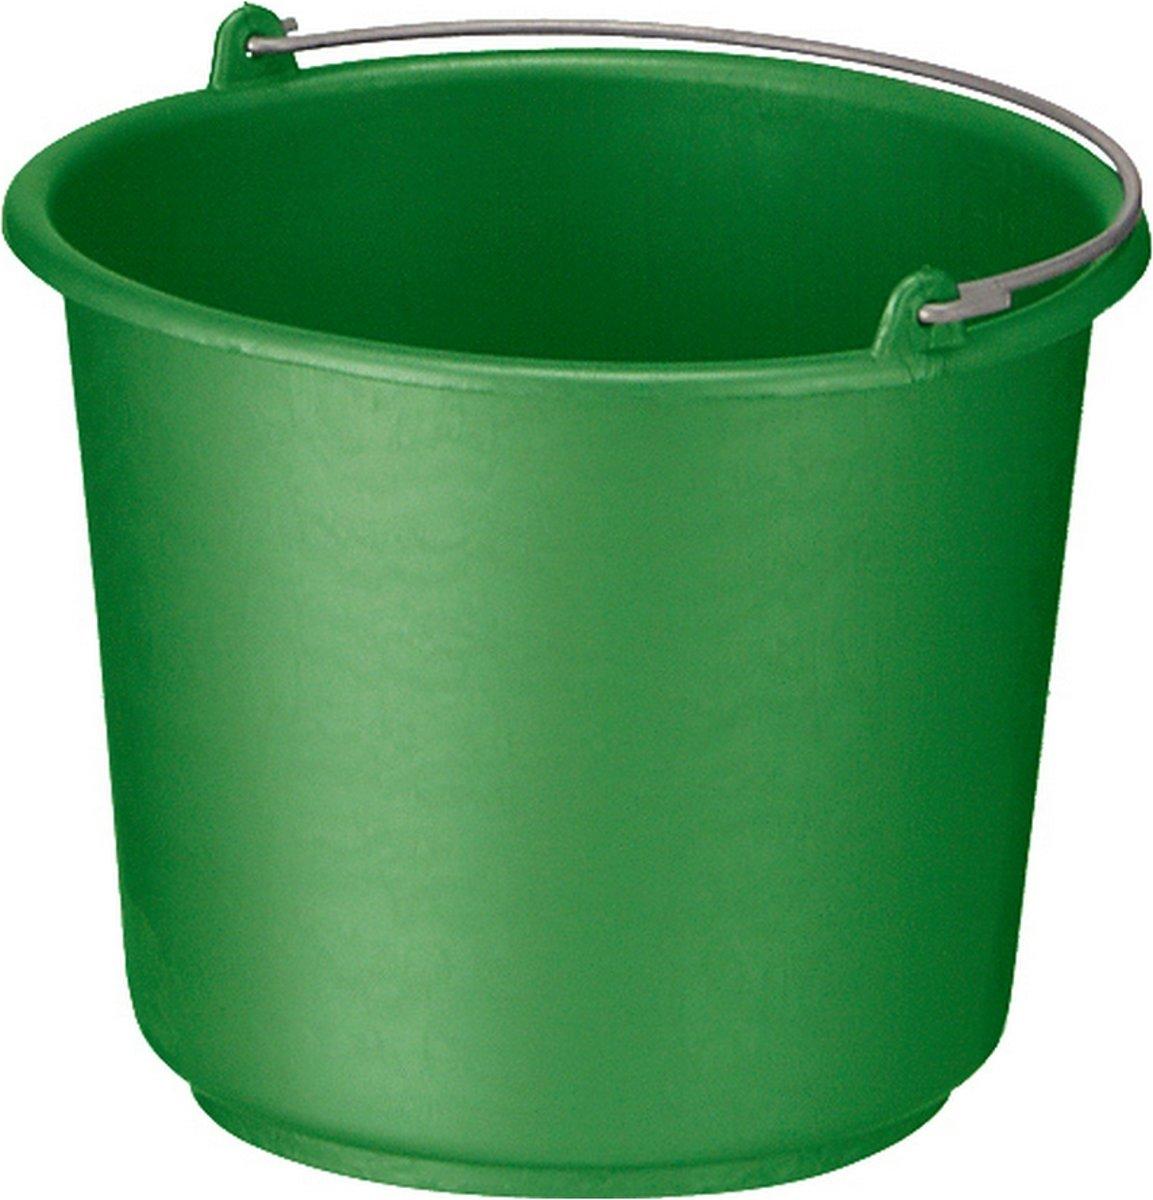 Bouwemmer met hengsel 12 liter groen 12st kopen